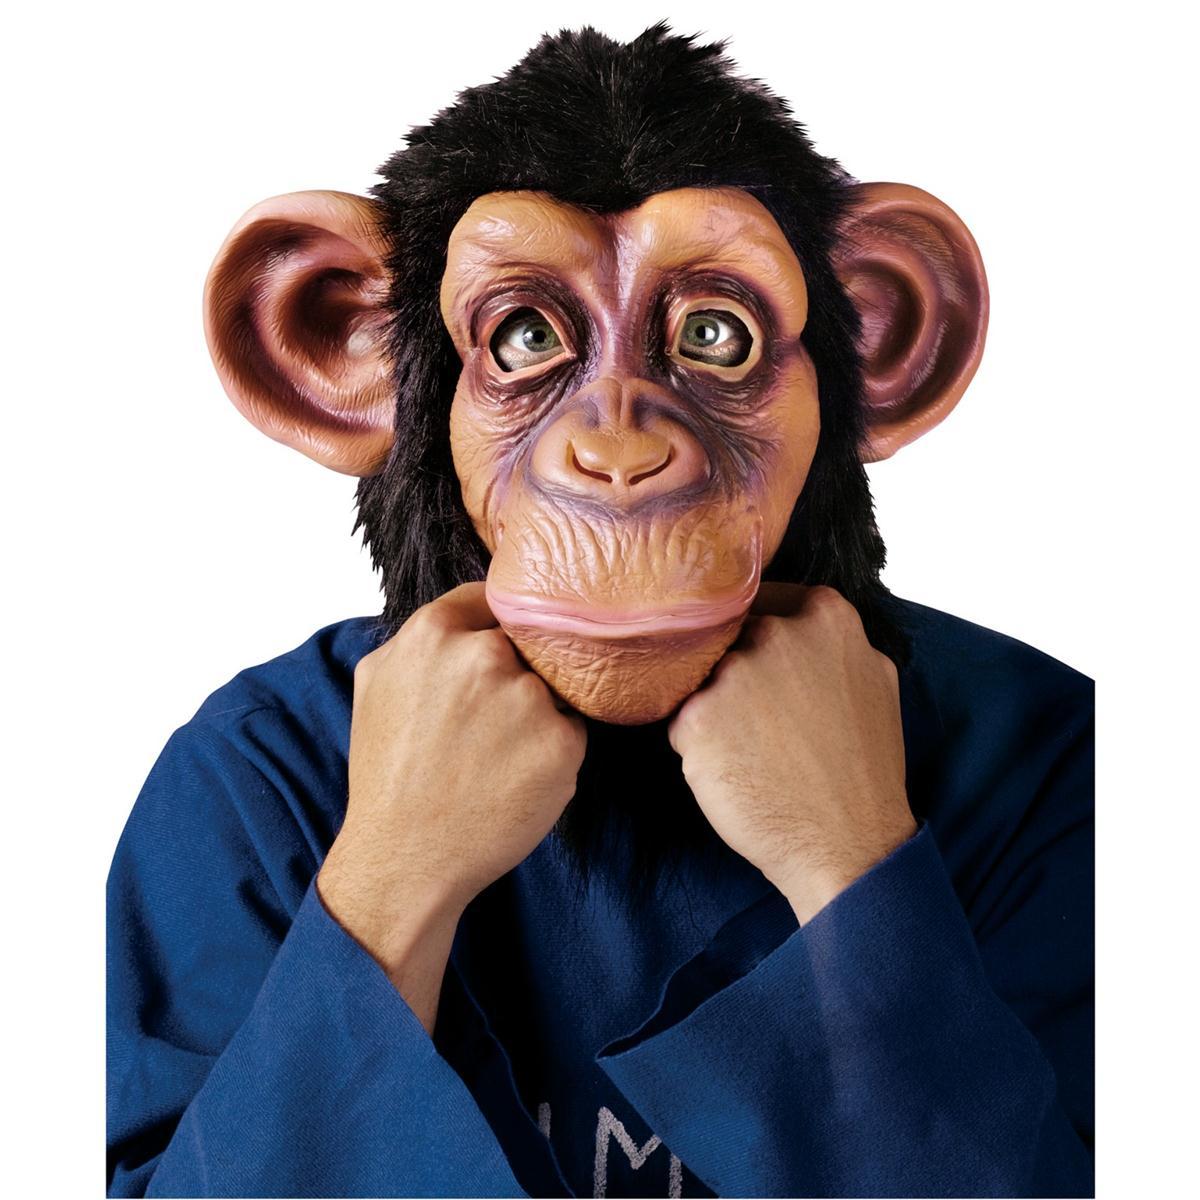 チンパンジー マスク 大人用 動物 かぶりもの 猿 サル お面 仮面 コスプレ ハロウィン 雑貨 グッズ